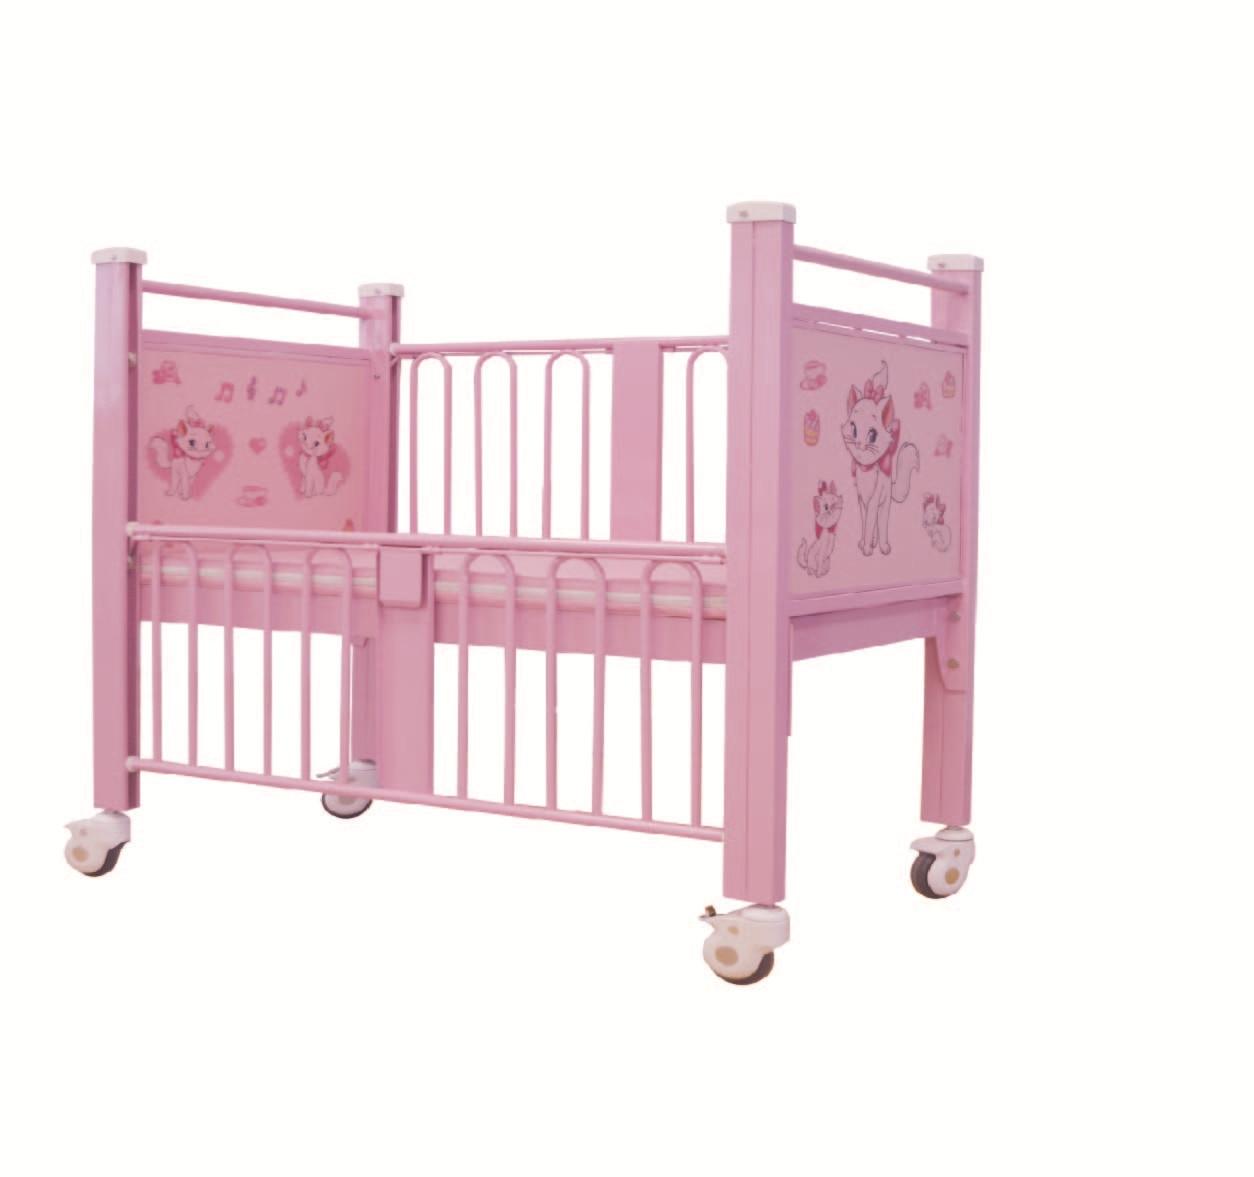 RSE12-E 高栏儿童病床